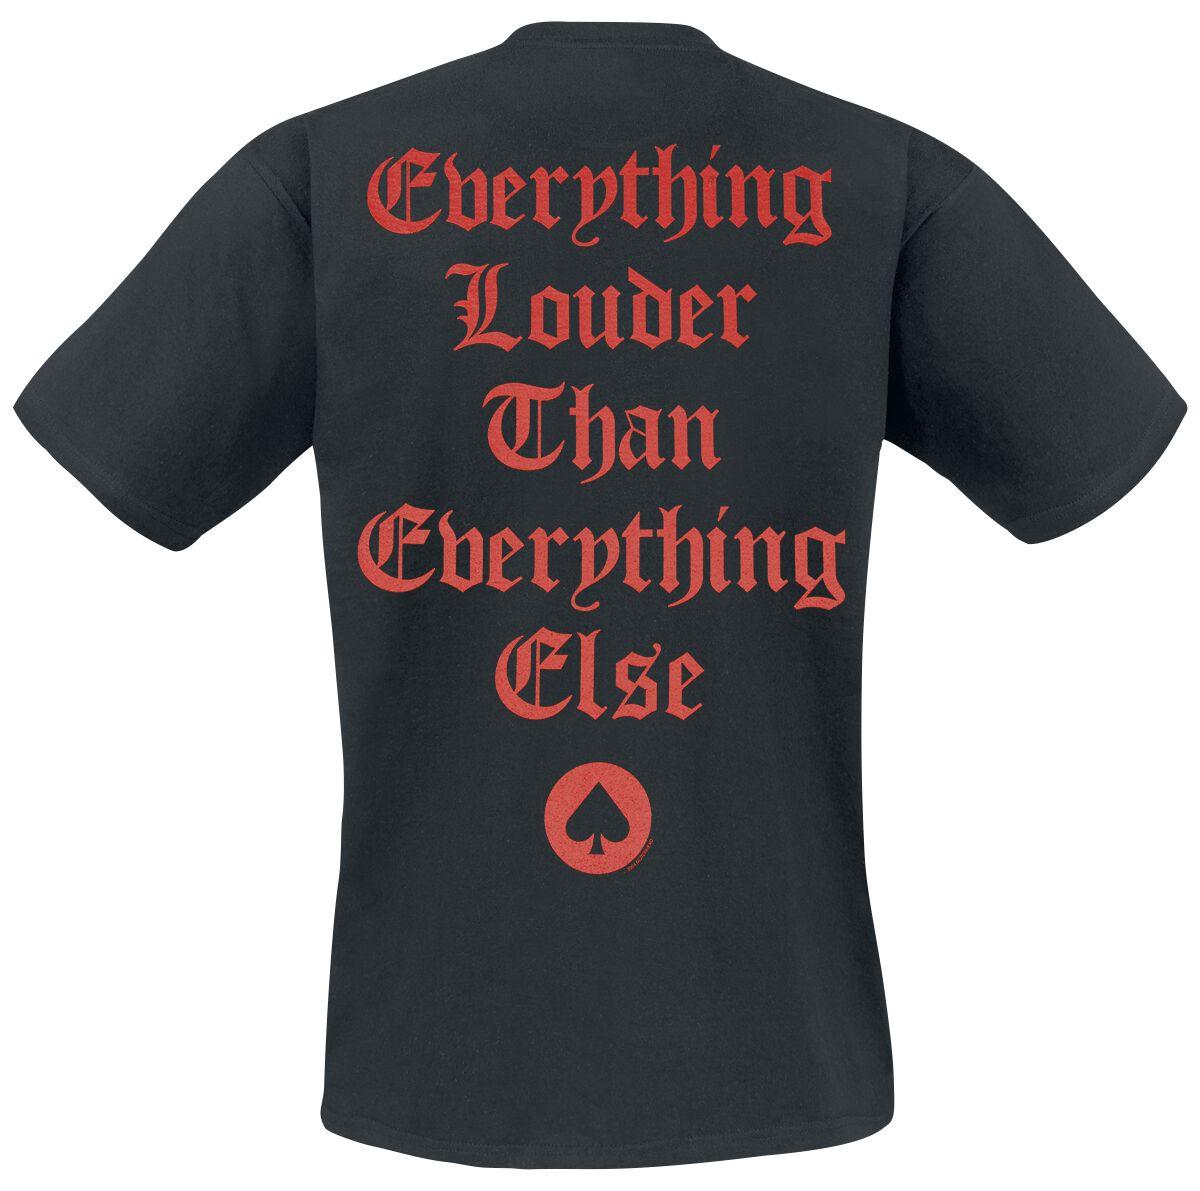 ad08a70a Motörhead. England. T-Shirt. 28 Reviews